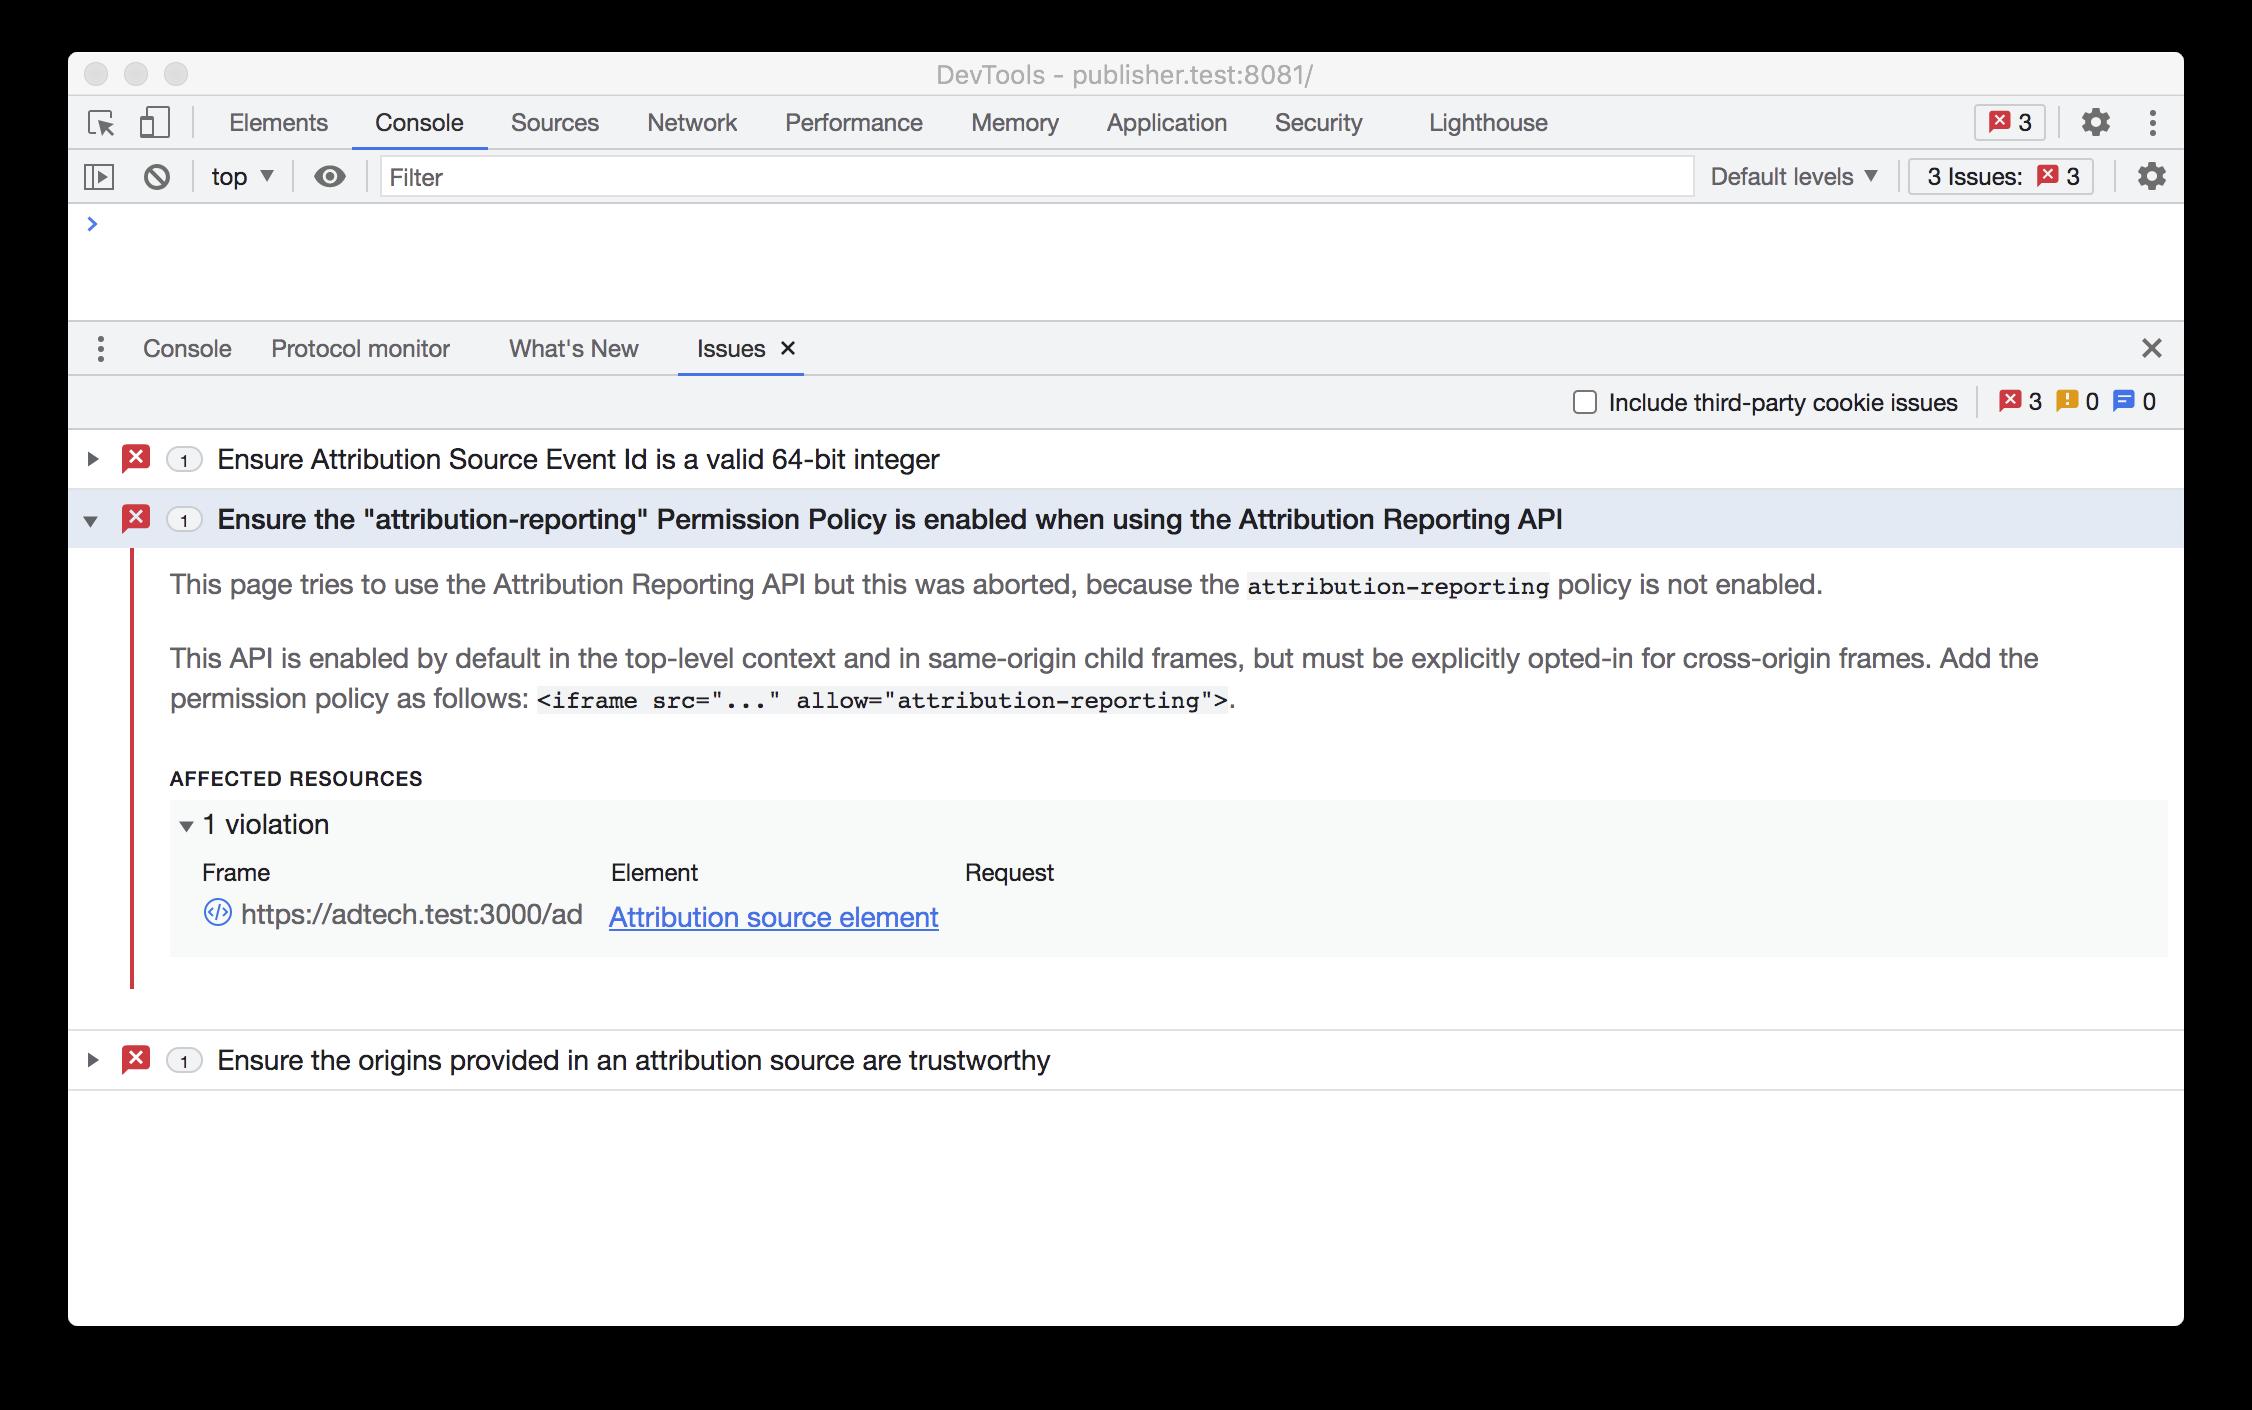 문제 탭의 속성 보고 API 오류